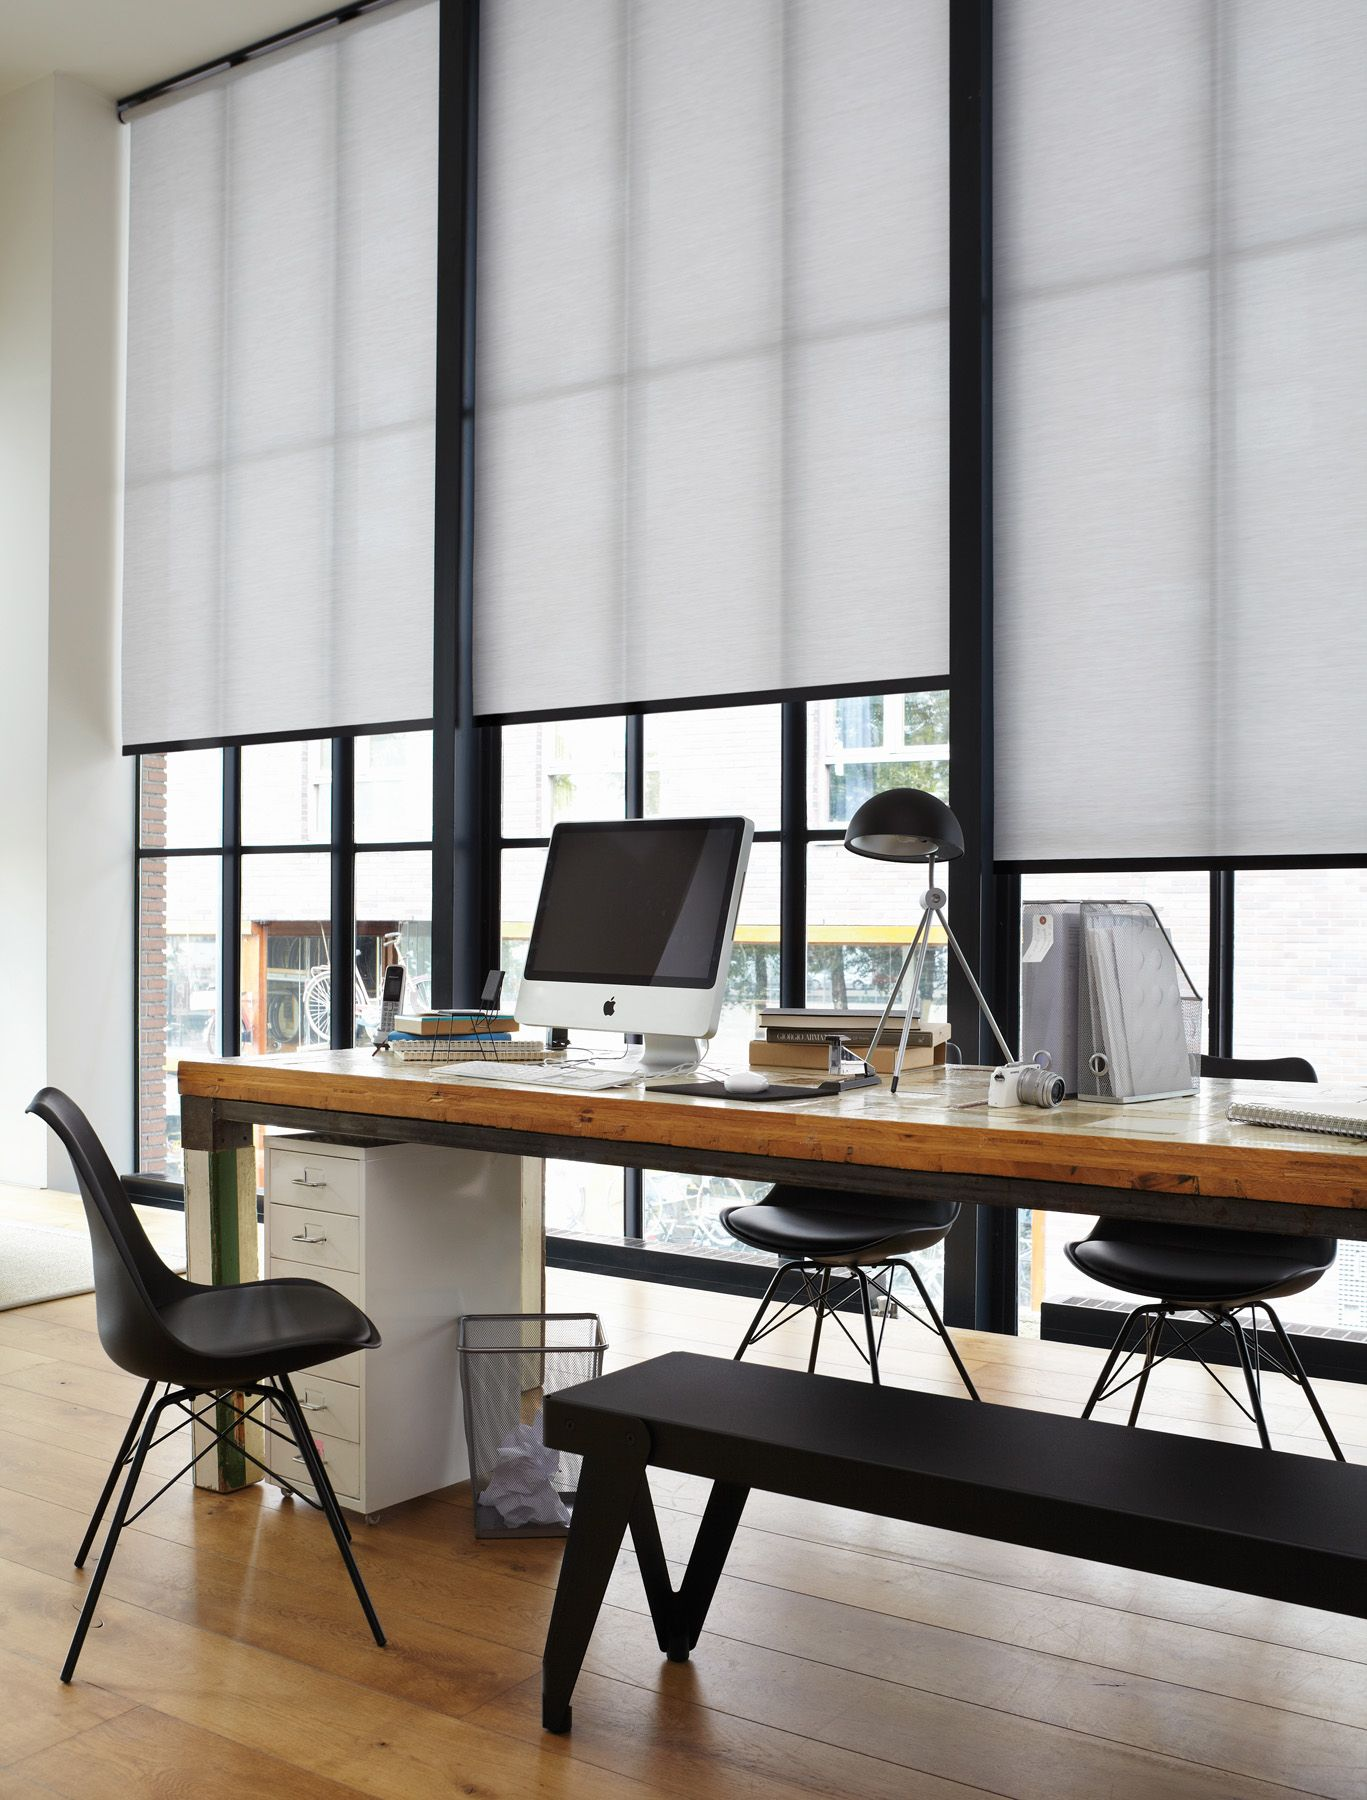 style industriel de grands stores rouleaux blancs devant de sbaies vitr es cr ent un espace. Black Bedroom Furniture Sets. Home Design Ideas